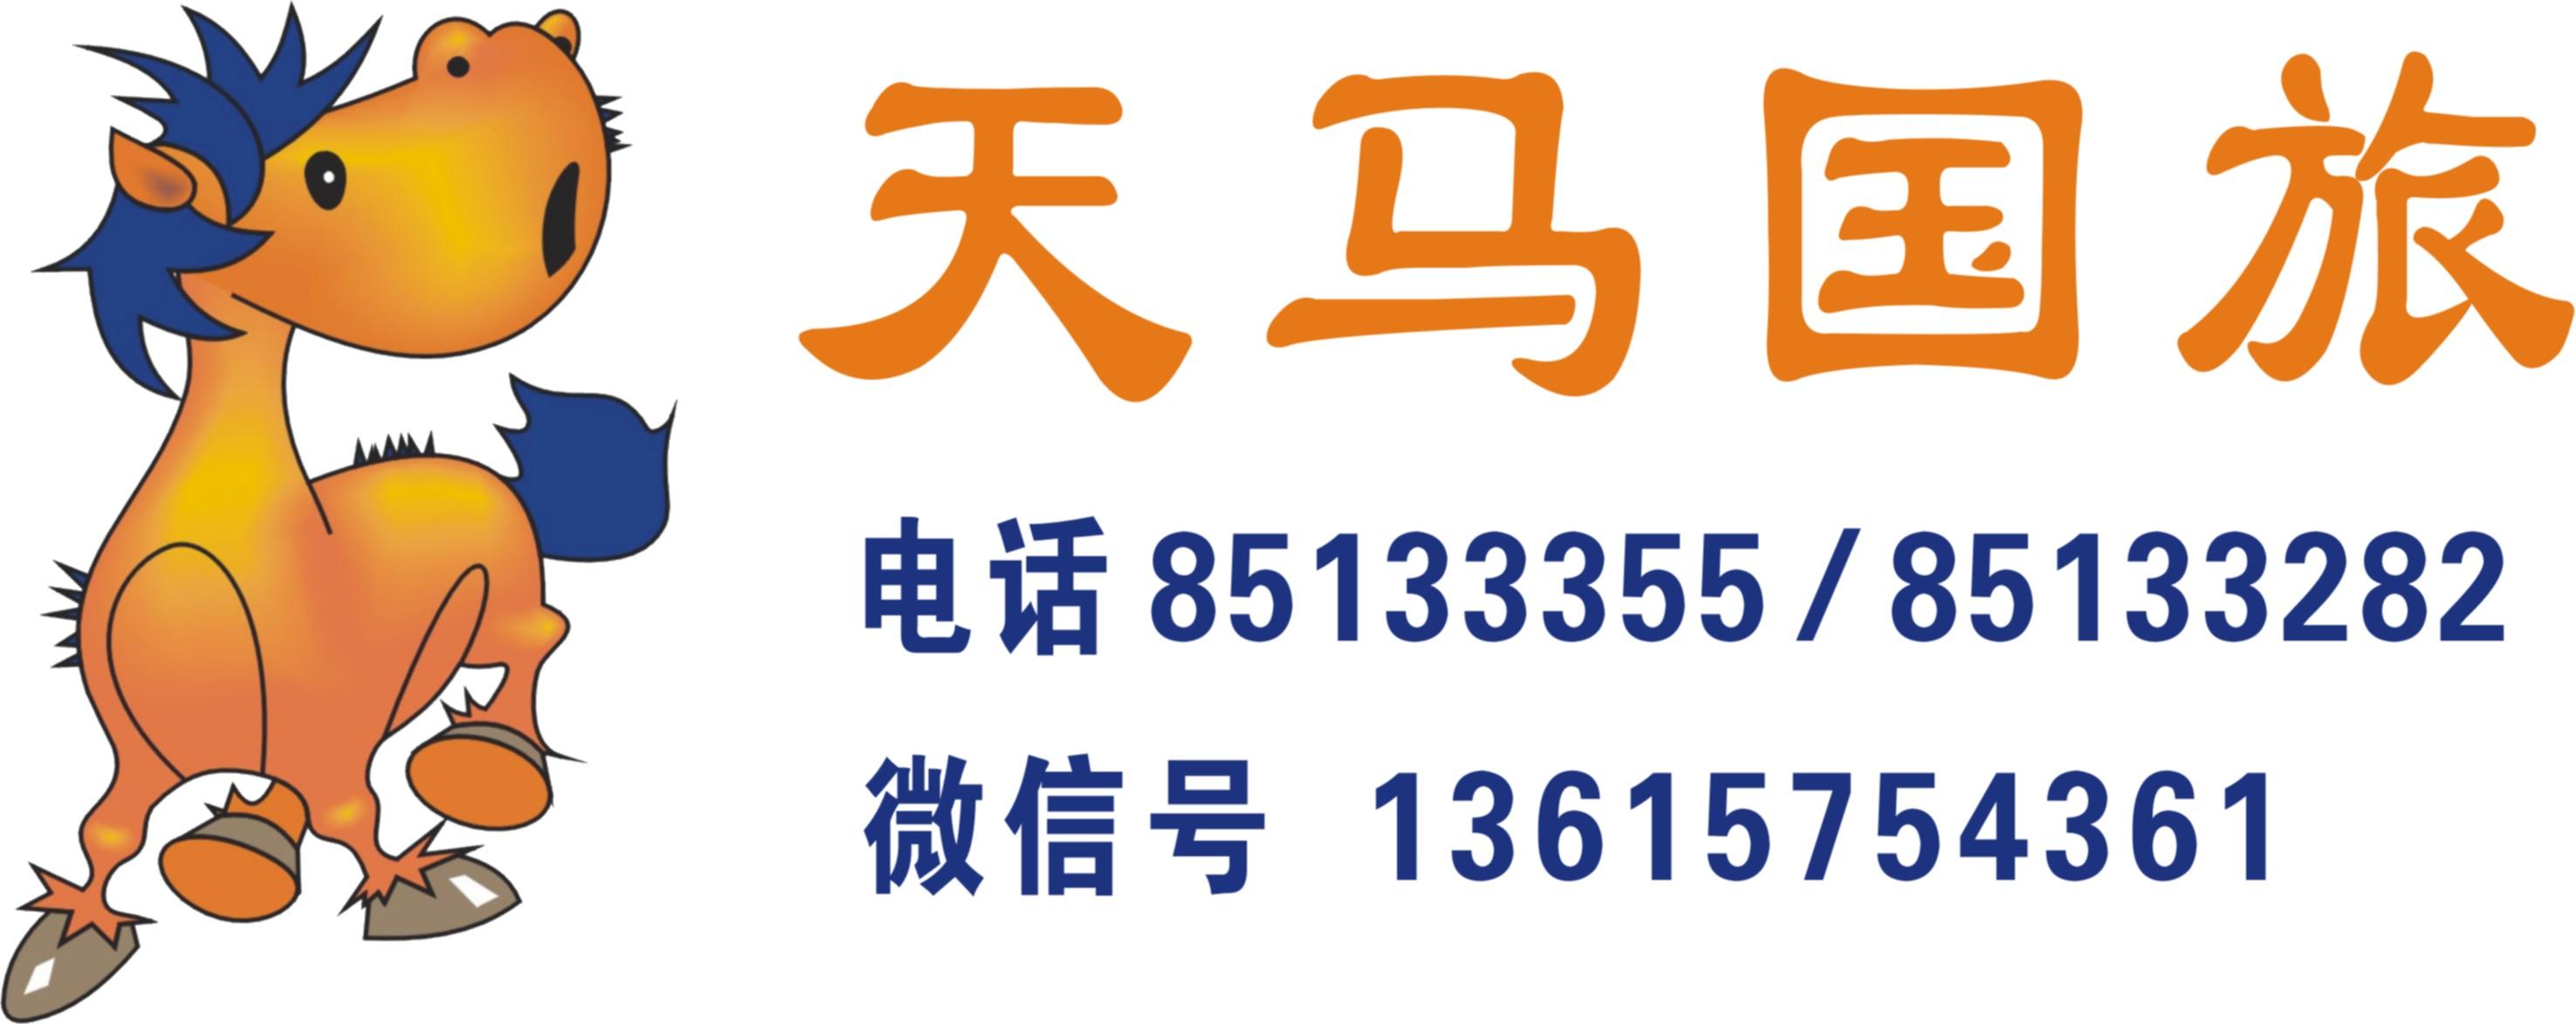 6.29【象山东海半边山、中国海影城、东门渔村特价二日】